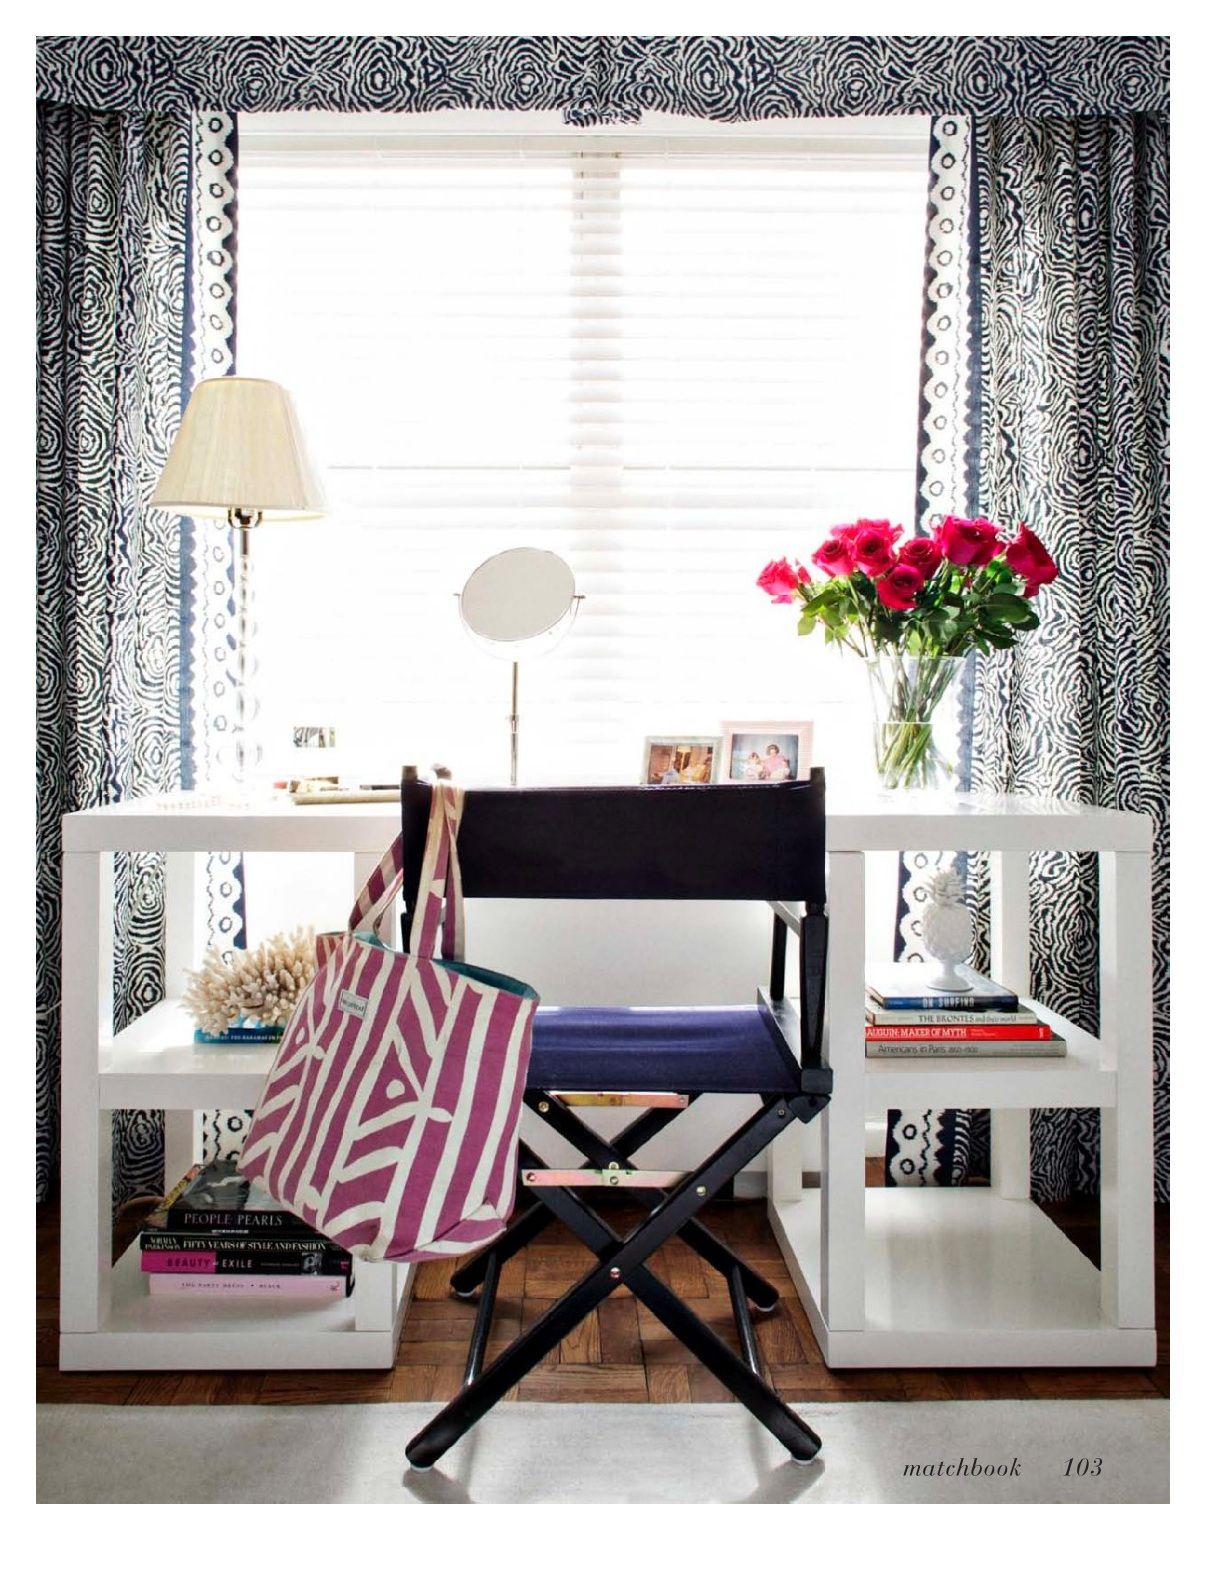 Escritorio blanco silla director decoracion estudios - Silla director ikea ...